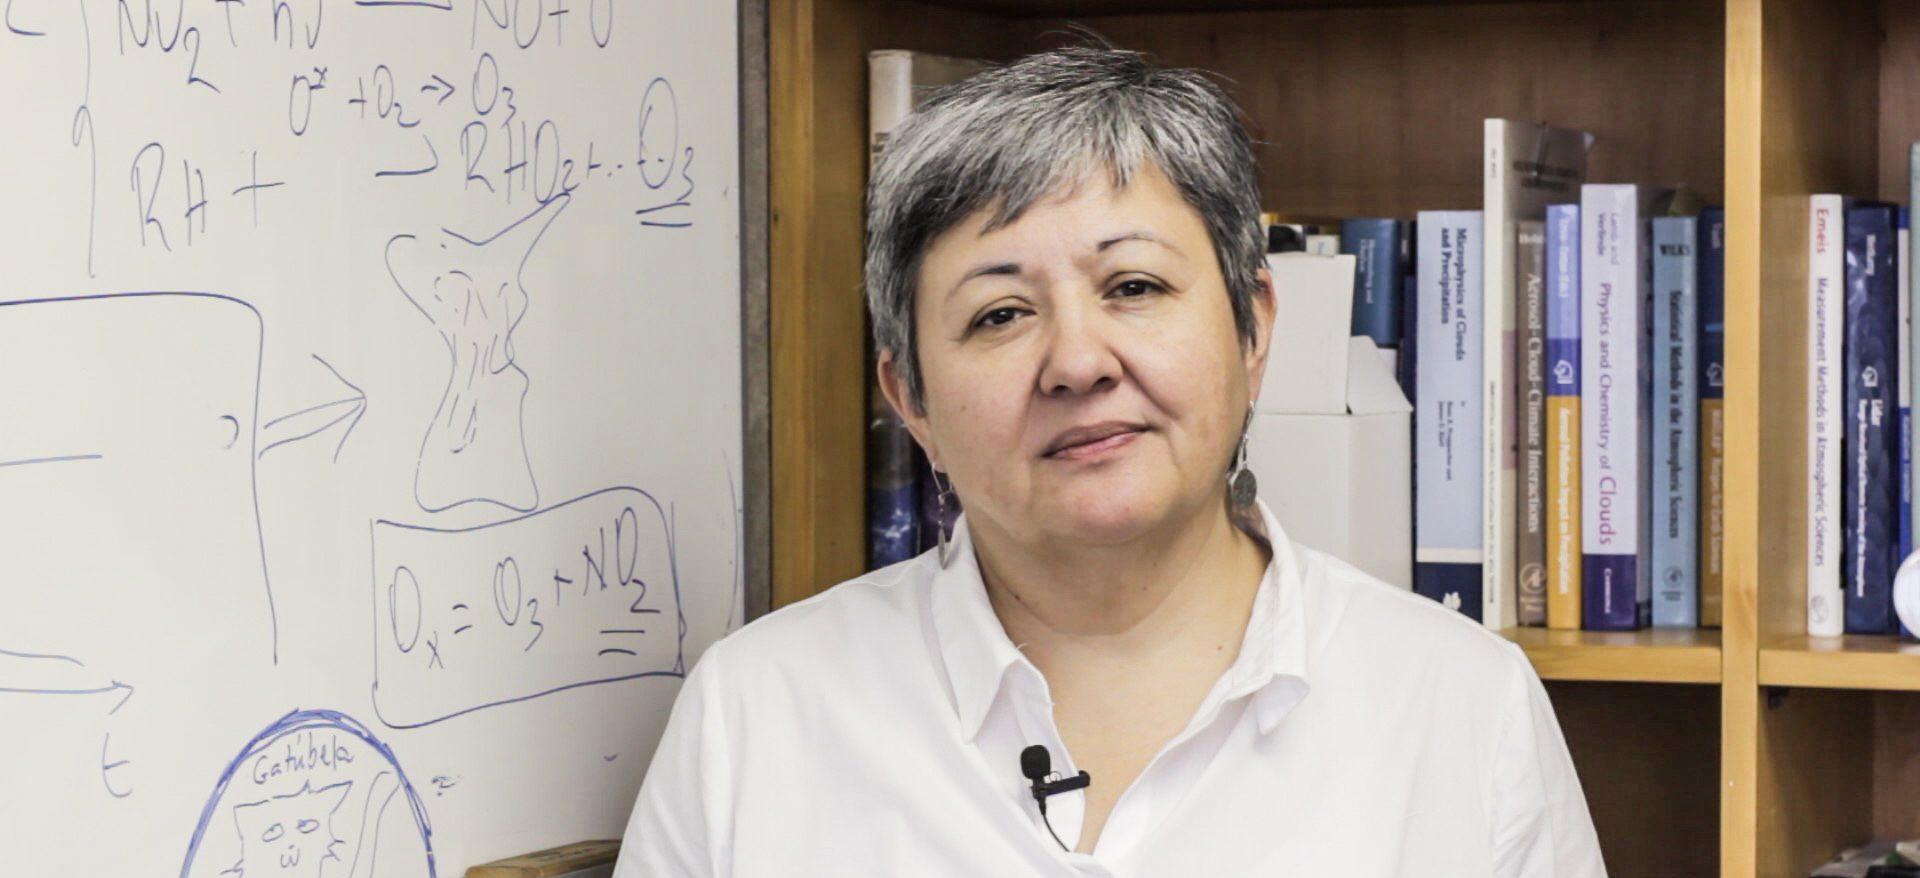 """Laura Gallardo: """"Para que haya transformaciones en la sociedad,  tiene que haber fuerzas que te lleven a ese cambio"""""""